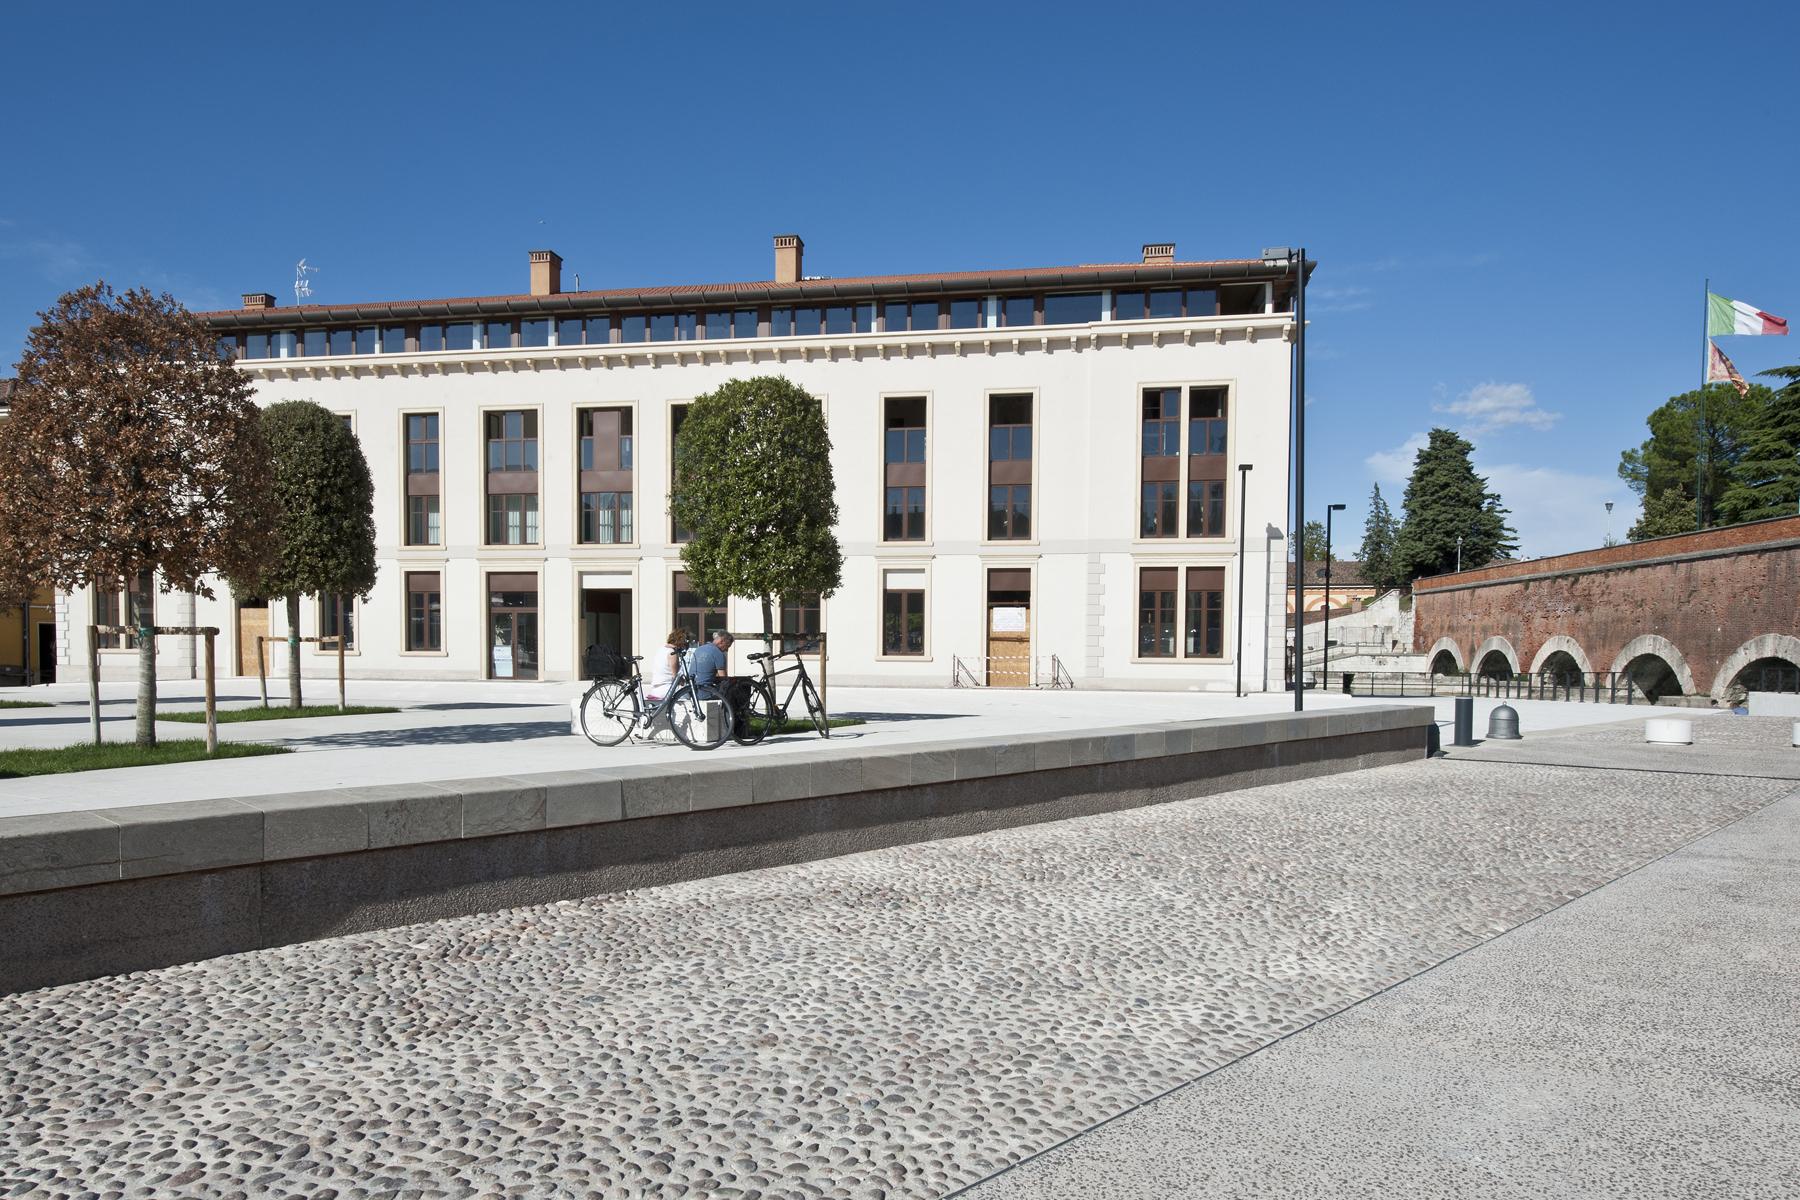 Attico in Vendita a Peschiera Del Garda: 5 locali, 165 mq - Foto 6